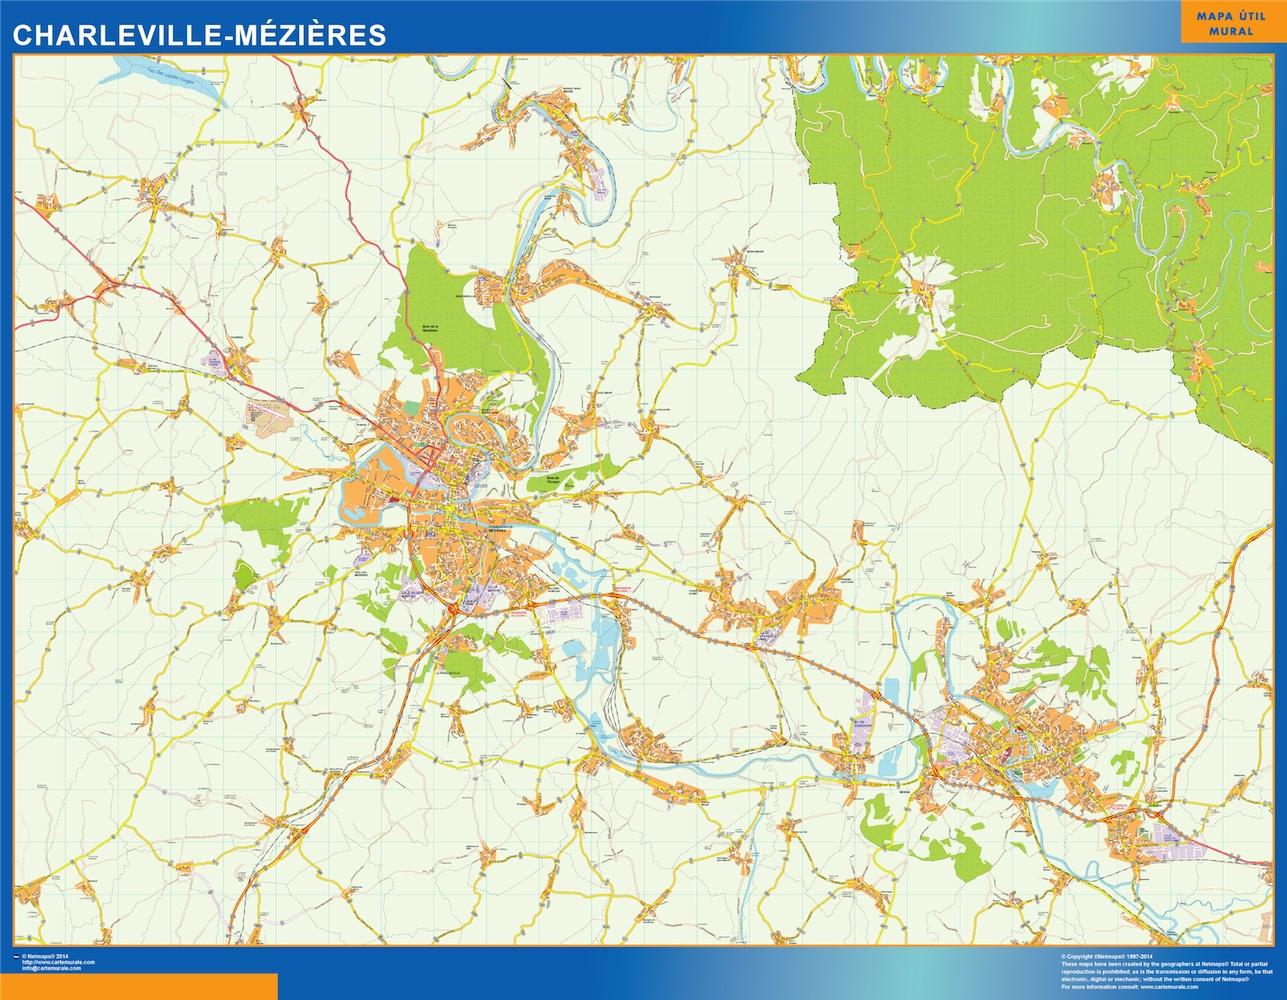 Mapa Charleville Mezieres